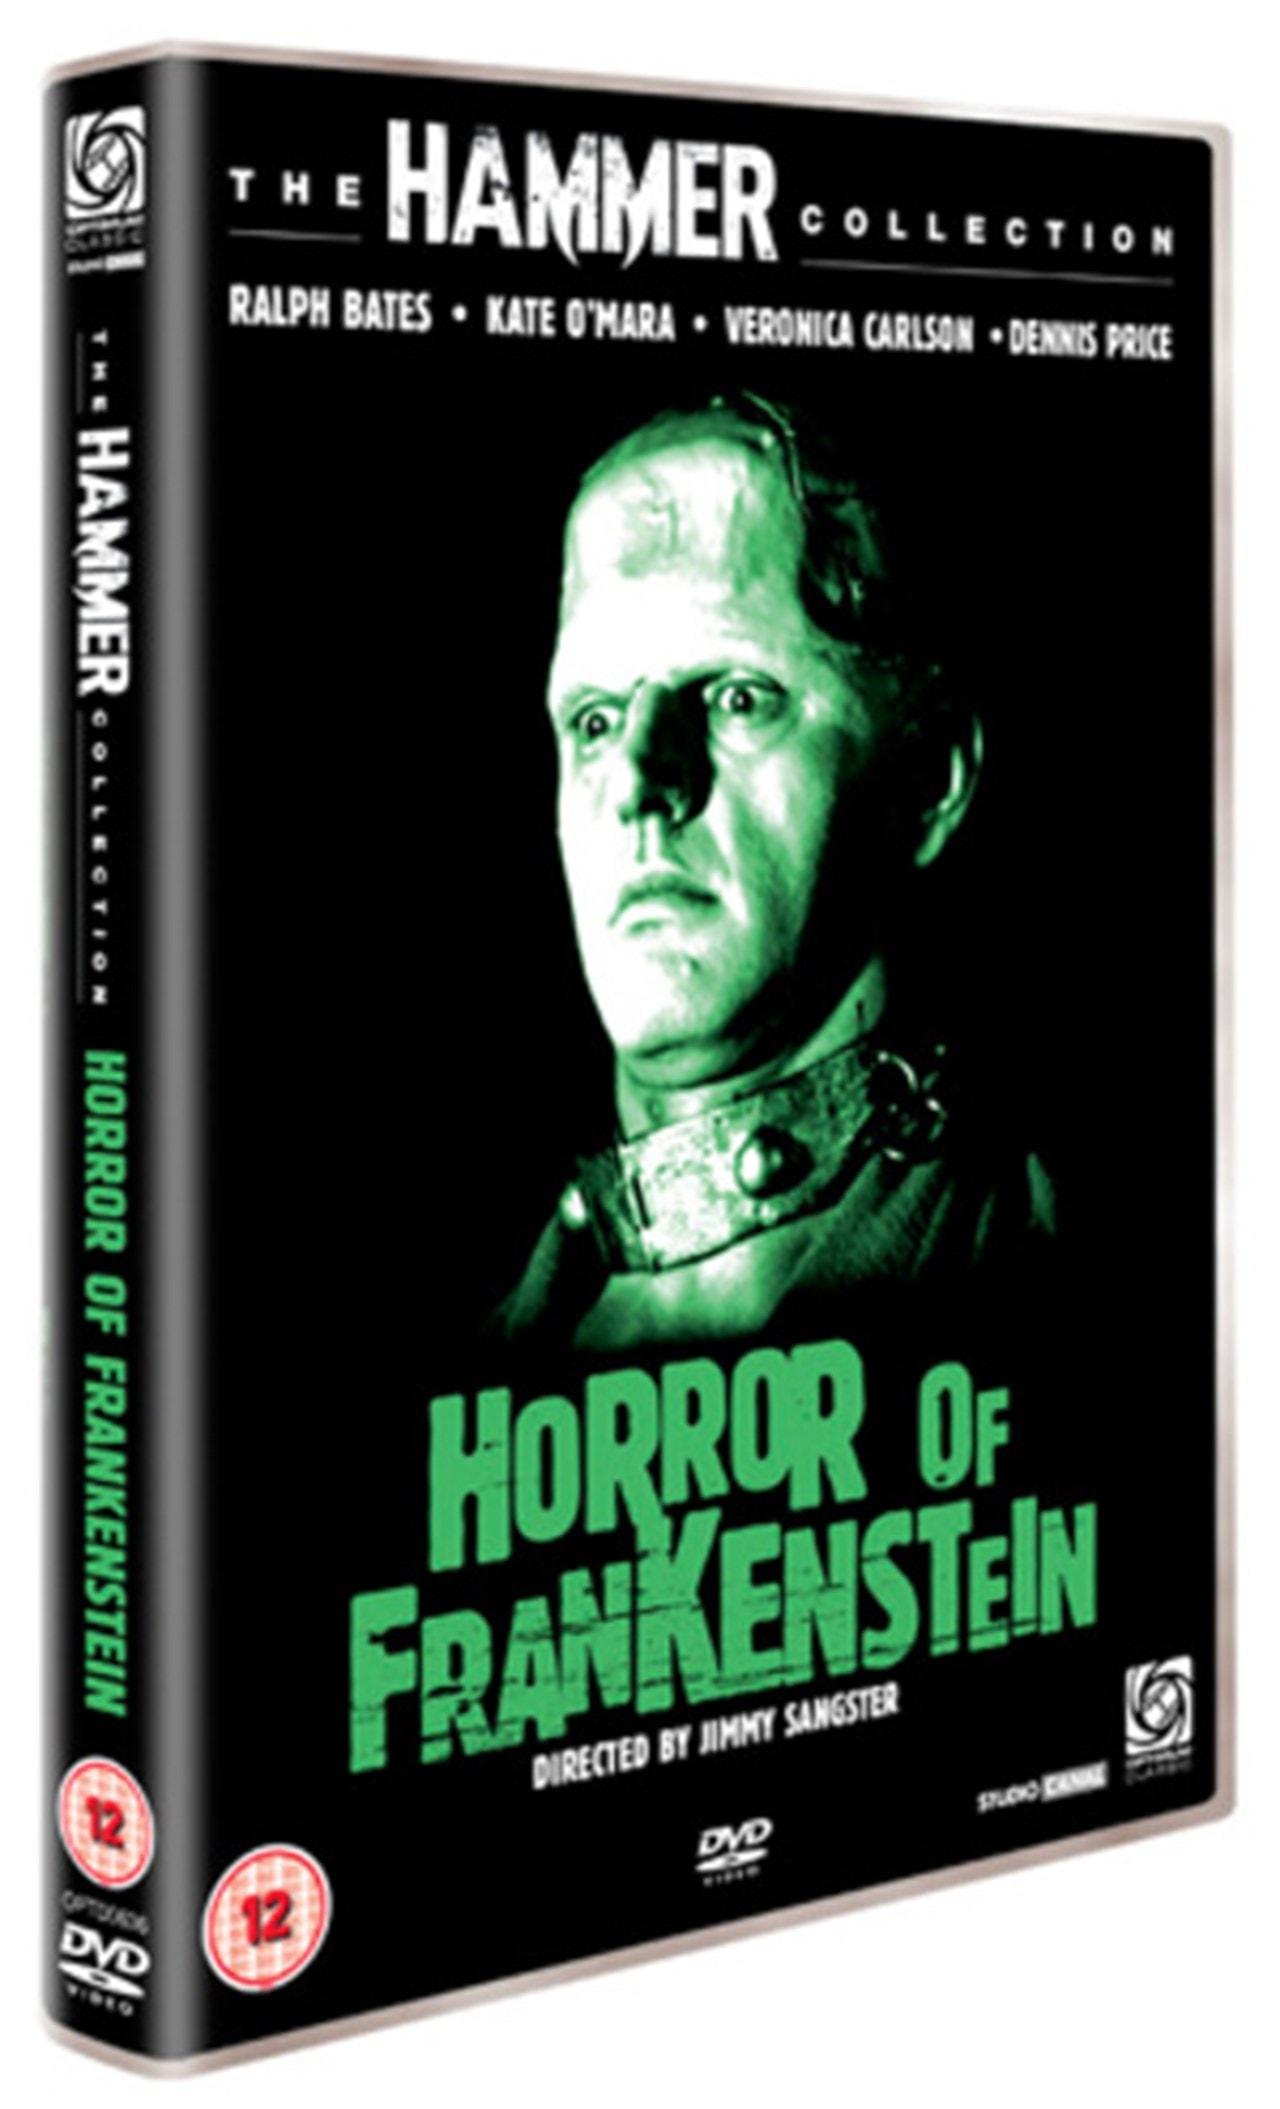 The Horror of Frankenstein - 1